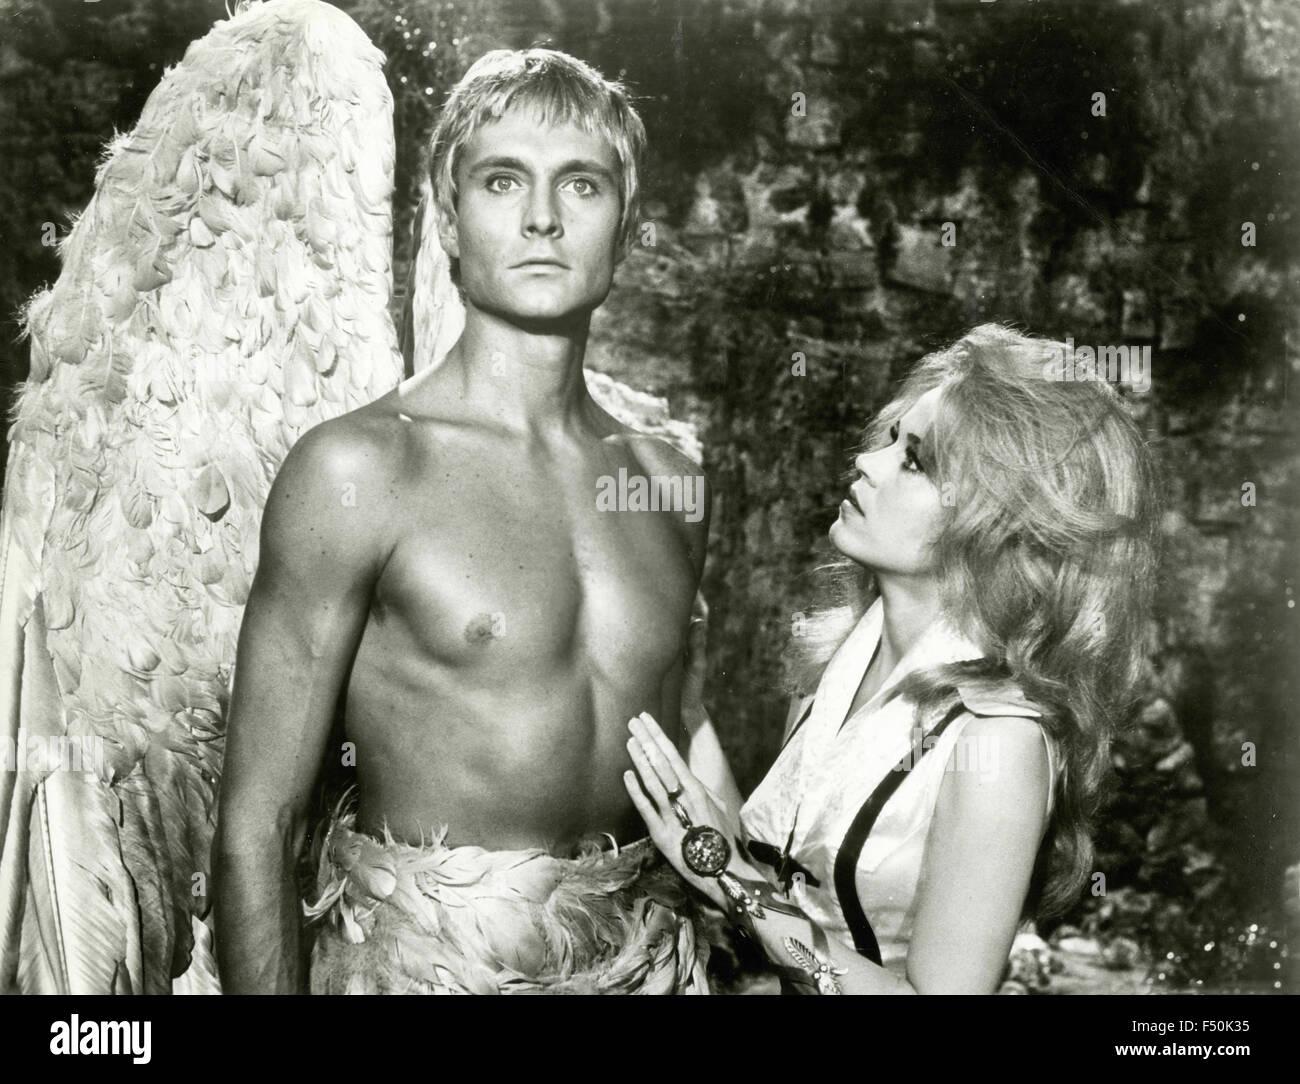 The actors Jane Fonda and John Phillip Law in a scene from the film 'Barbarella', 1968 - Stock Image